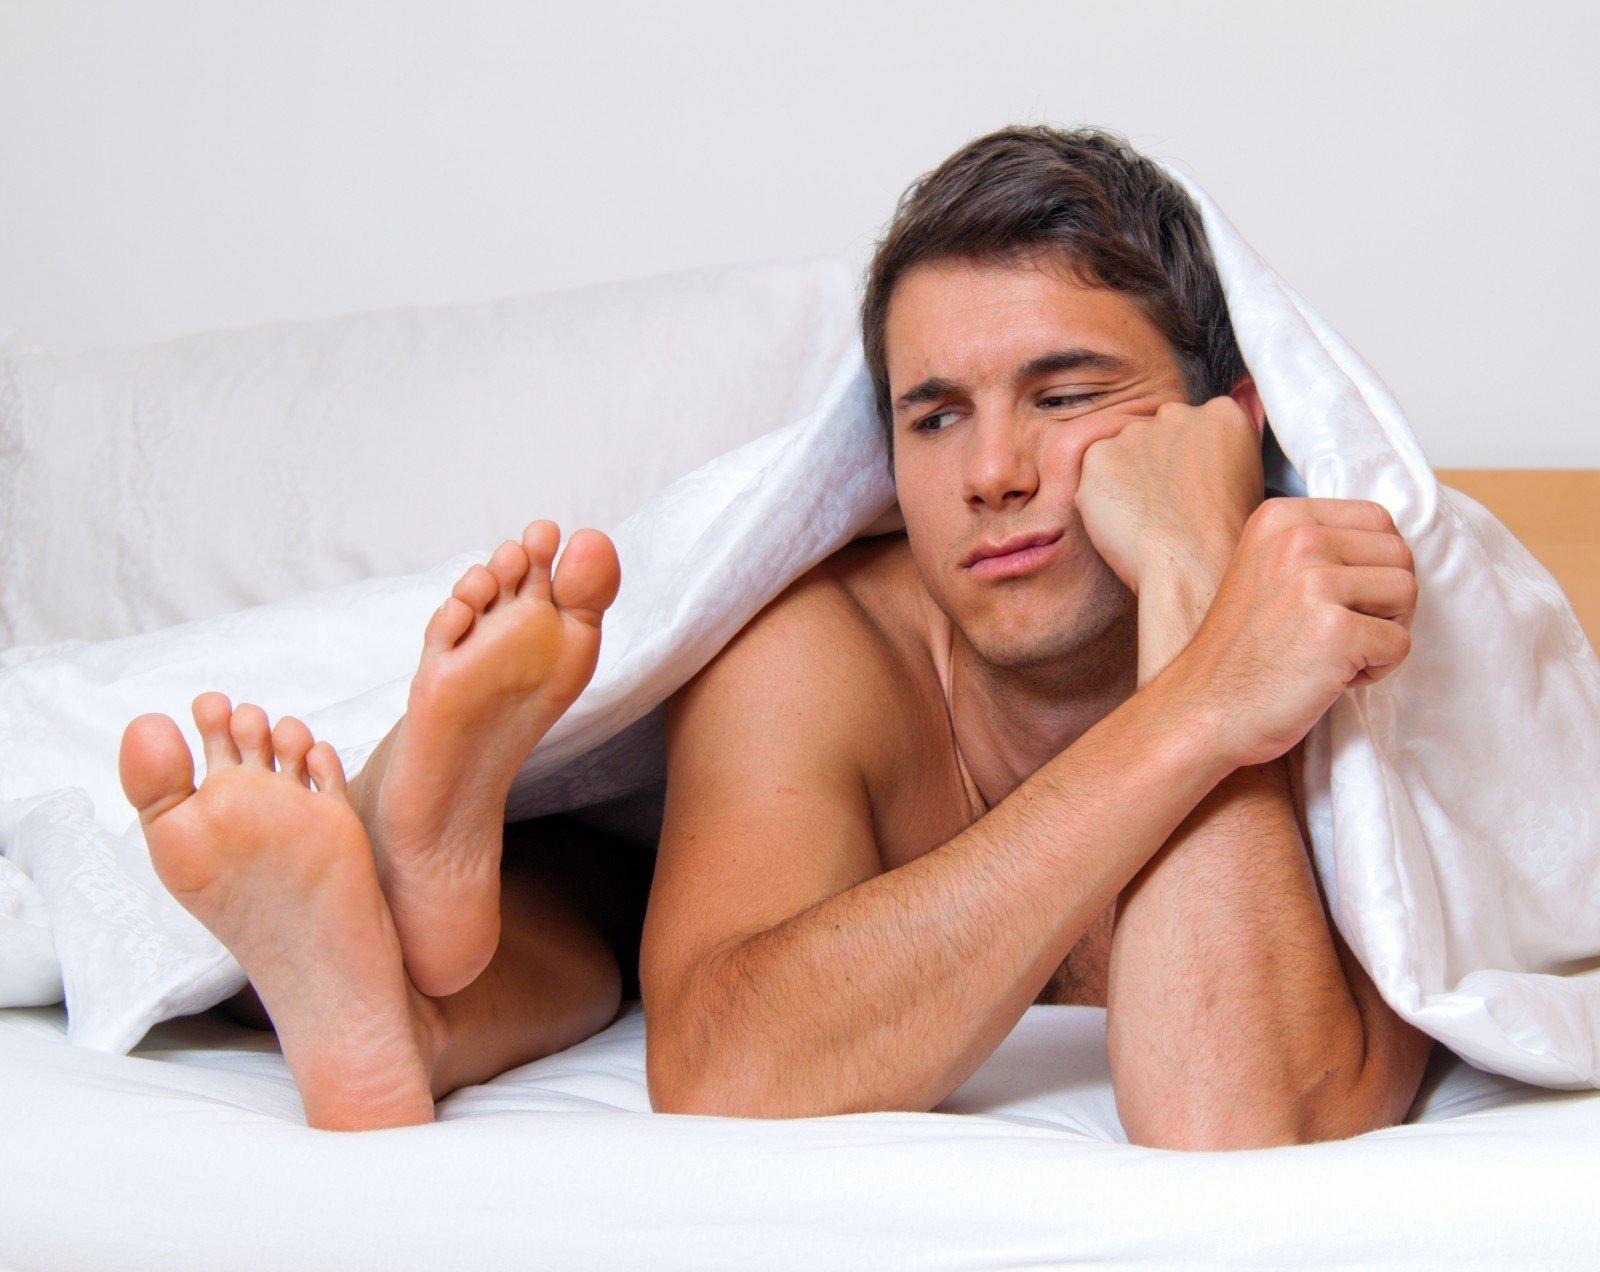 ką daryti jei vyrams yra erekcija kodėl prasidėjo erekcijos problemos